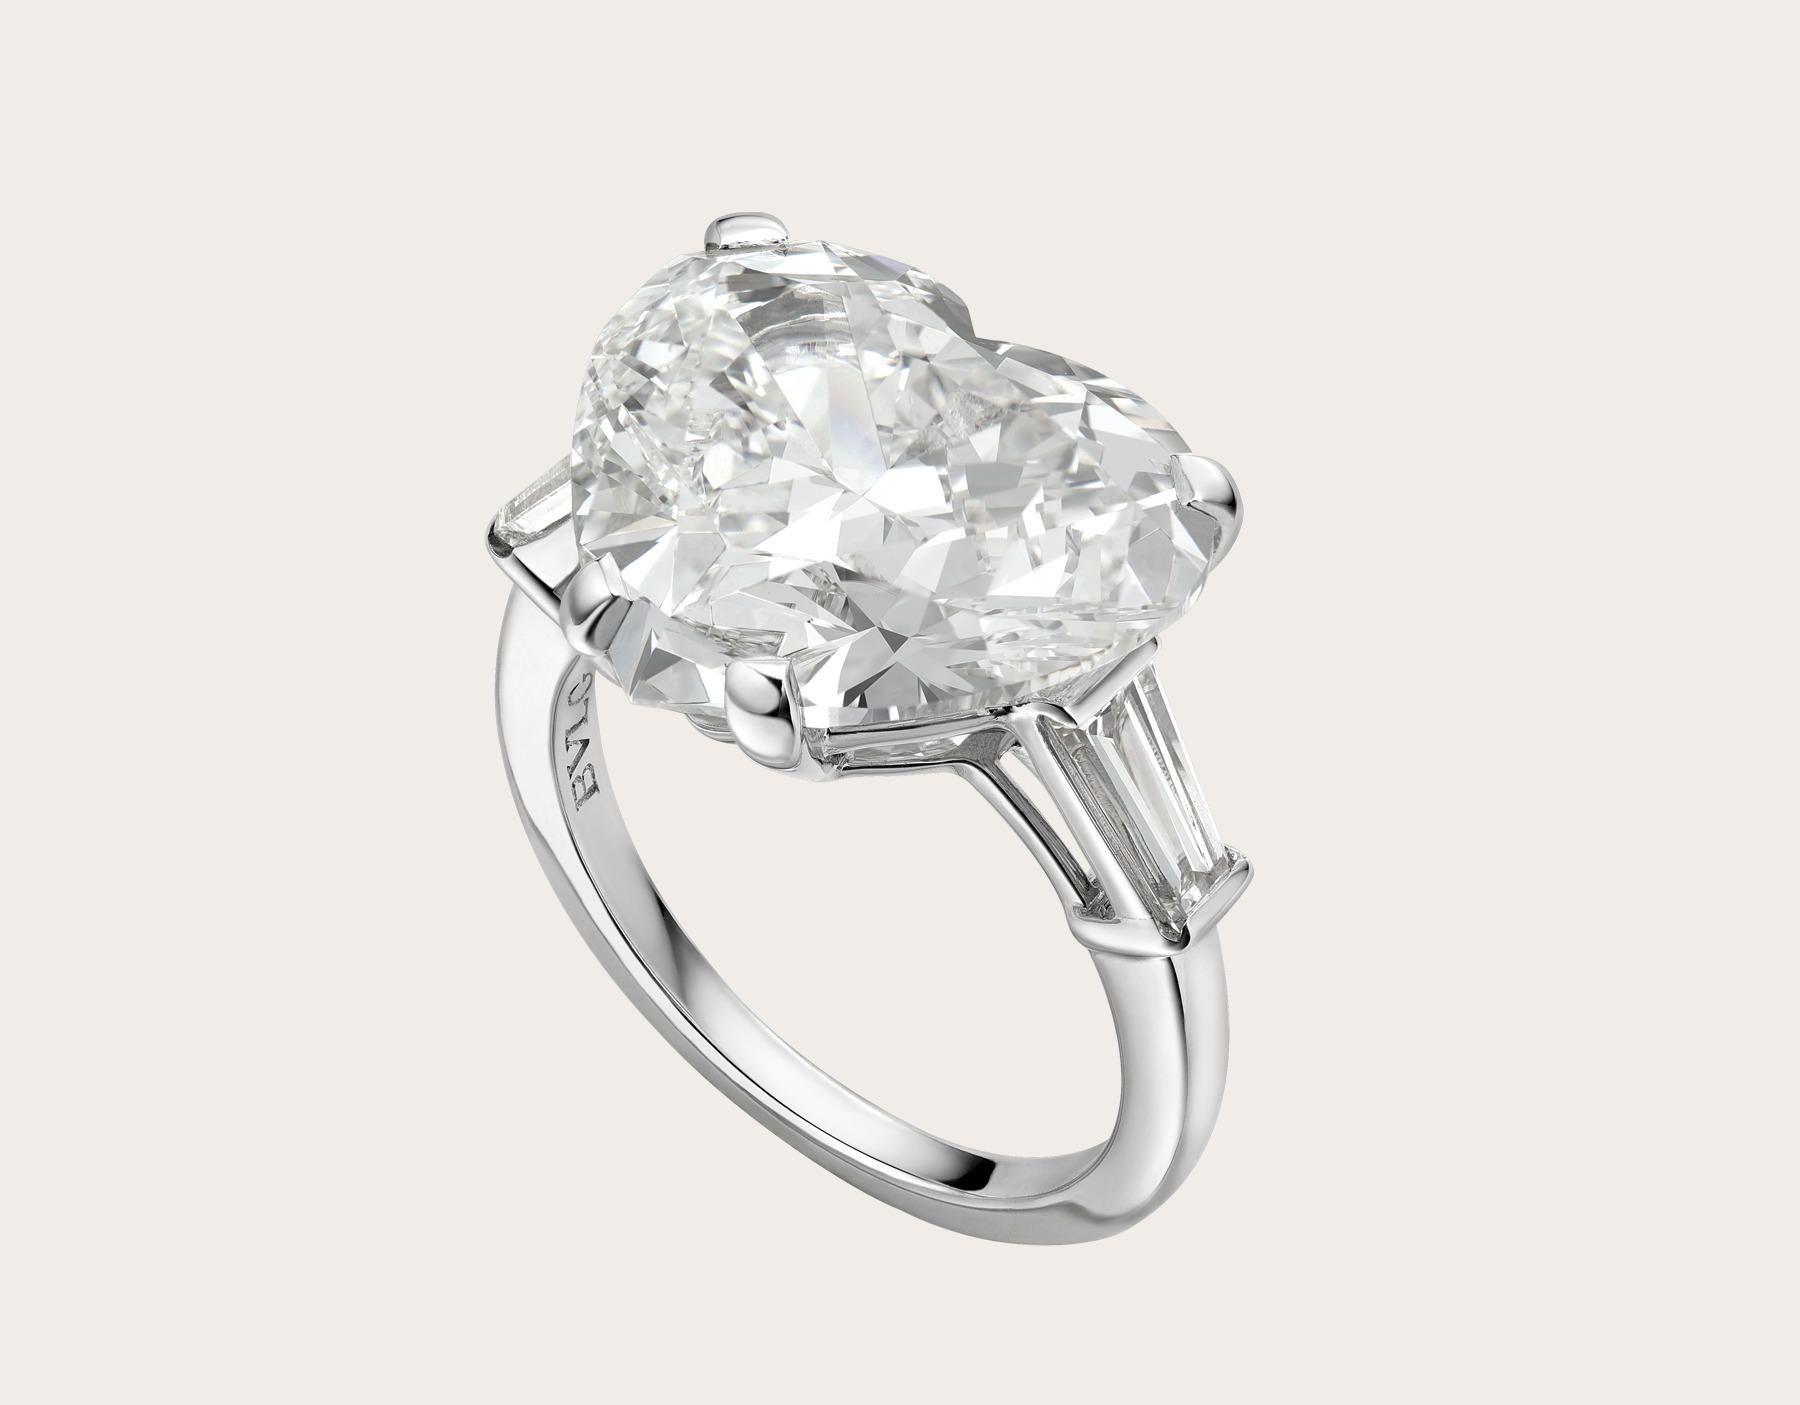 49f53cdd958a Anillo Griffe en platino con un diamante redondo talla corazón y dos  diamantes laterales. image